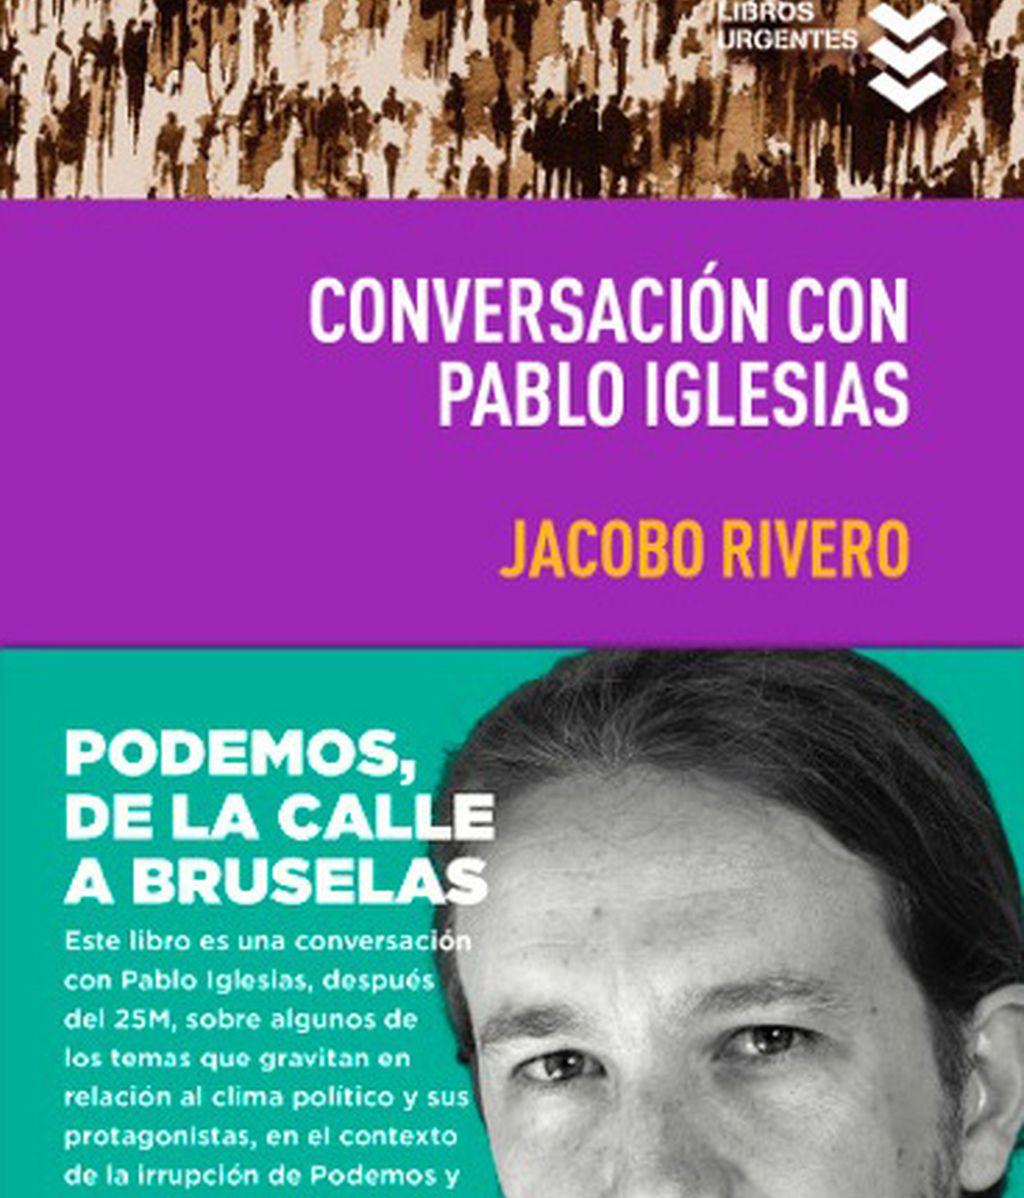 Portada del libro de Jacobo Rivero, 'Conversación con Pablo Iglesias'